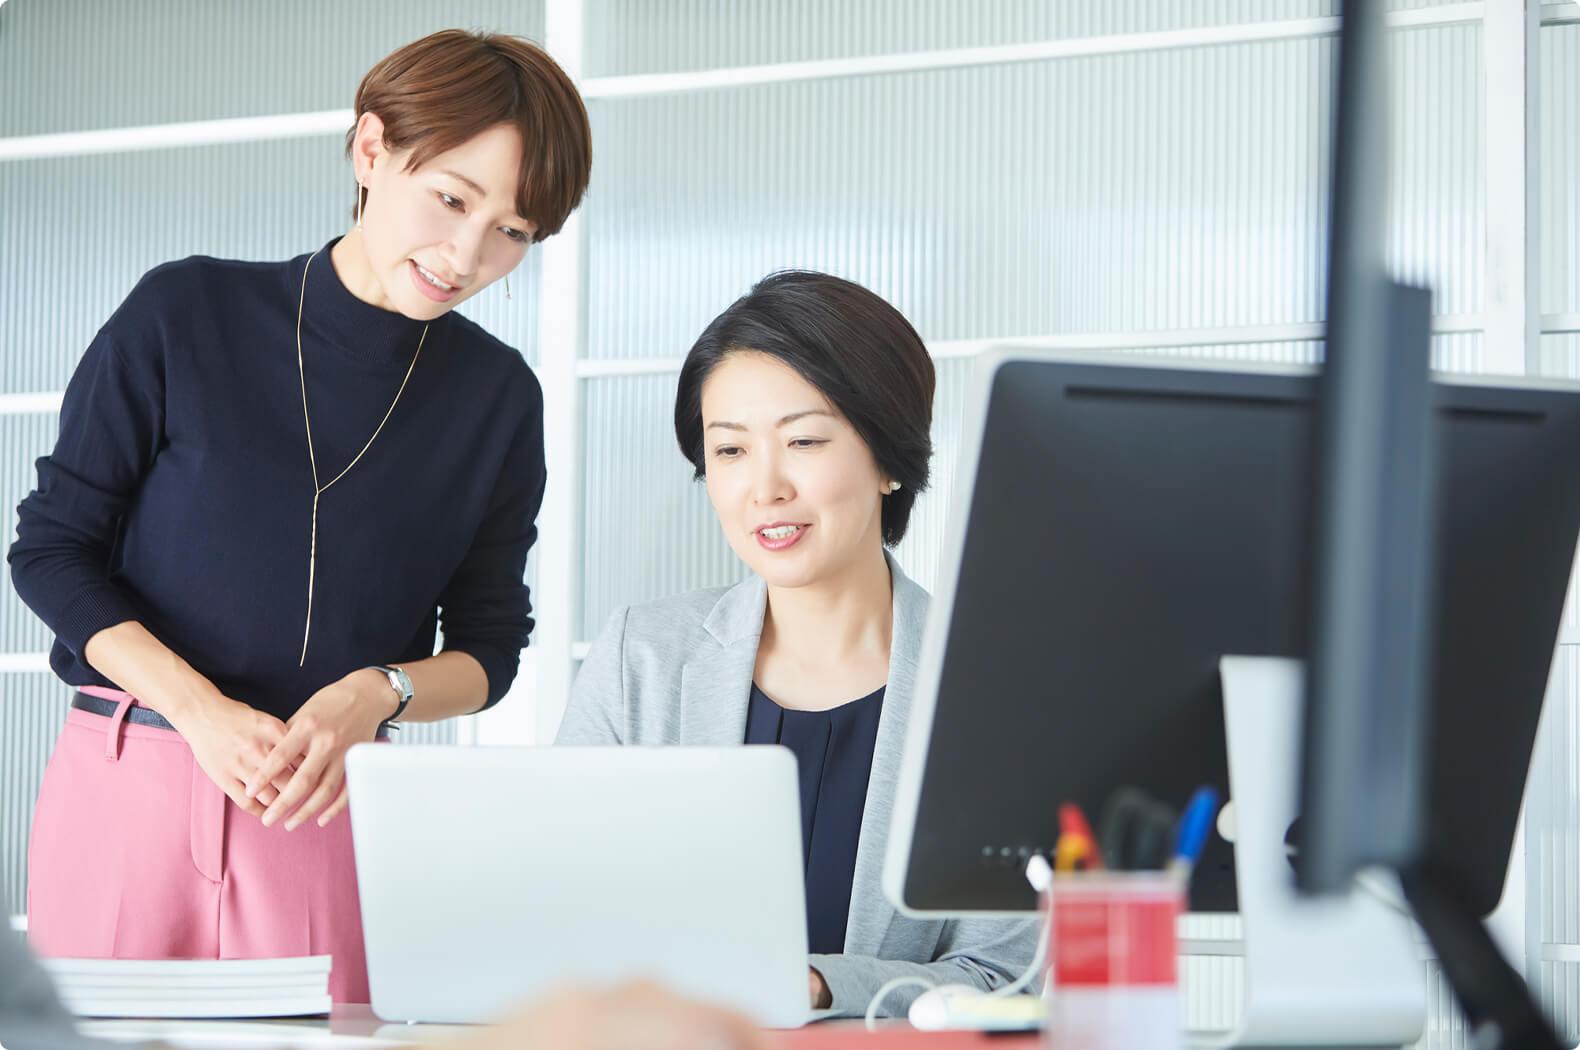 対話型求人人サイト あなたの声を実現します。 あなたの求める職場・「ちょうどいい」働き方へ 繋げます!